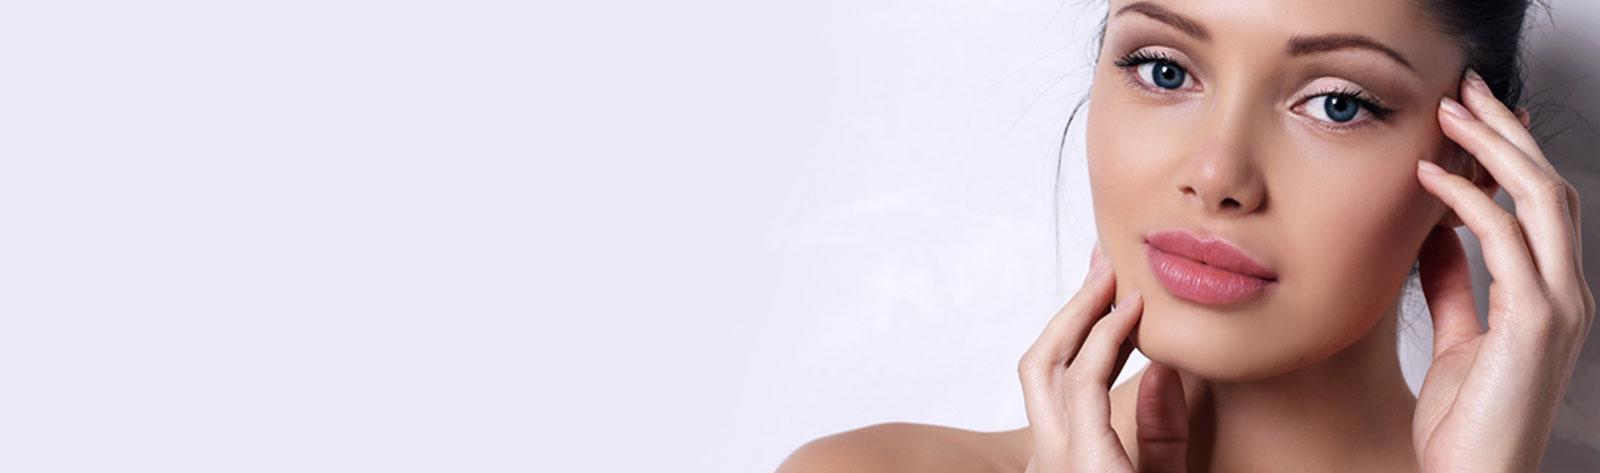 5 sposobów na zmniejszenie zasinienia po korekcji nosa